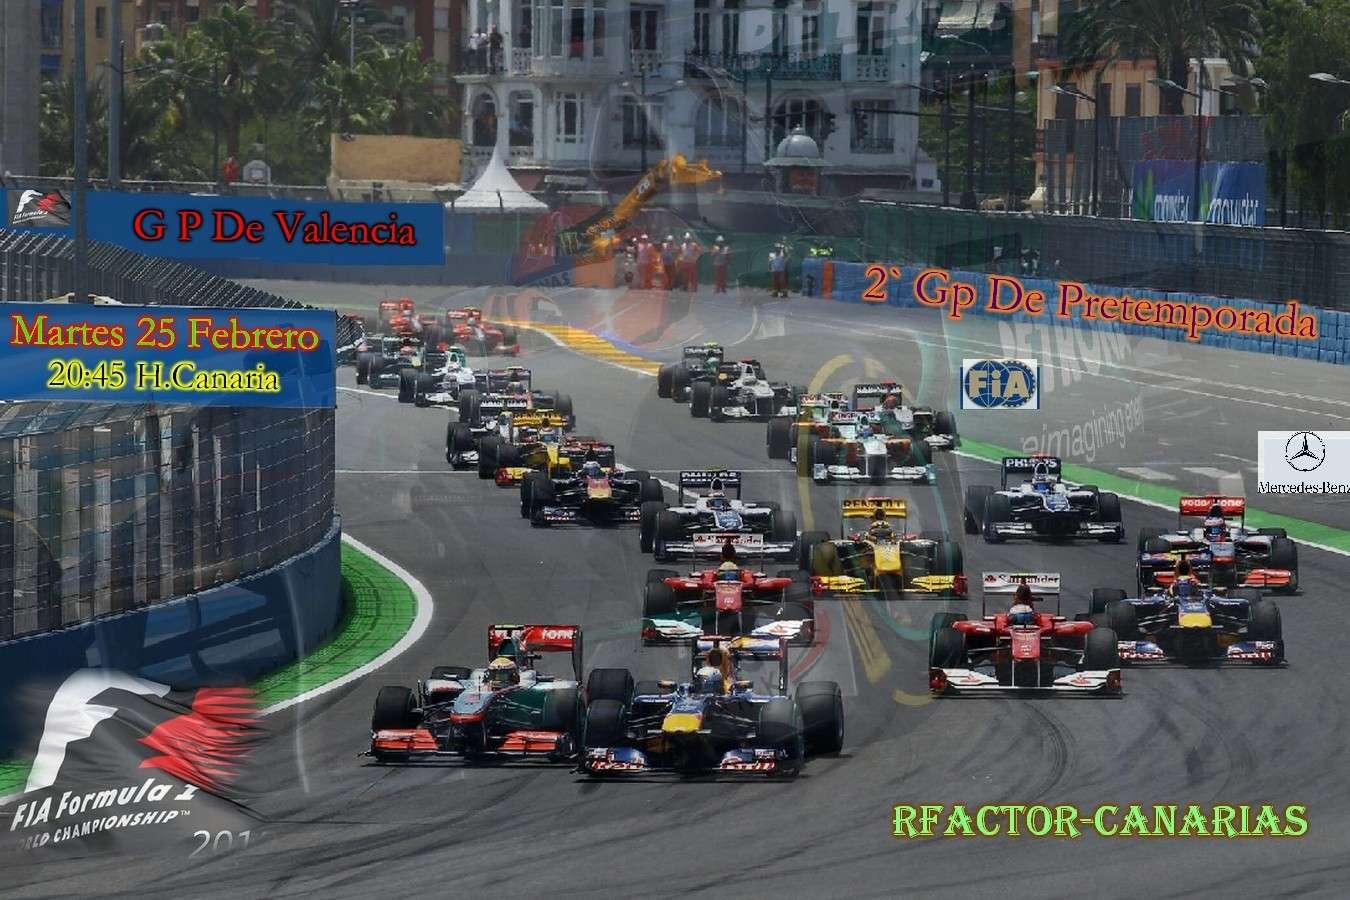 DECLARACION DE CARRERA GP-F1-VALENCIA Valenc15